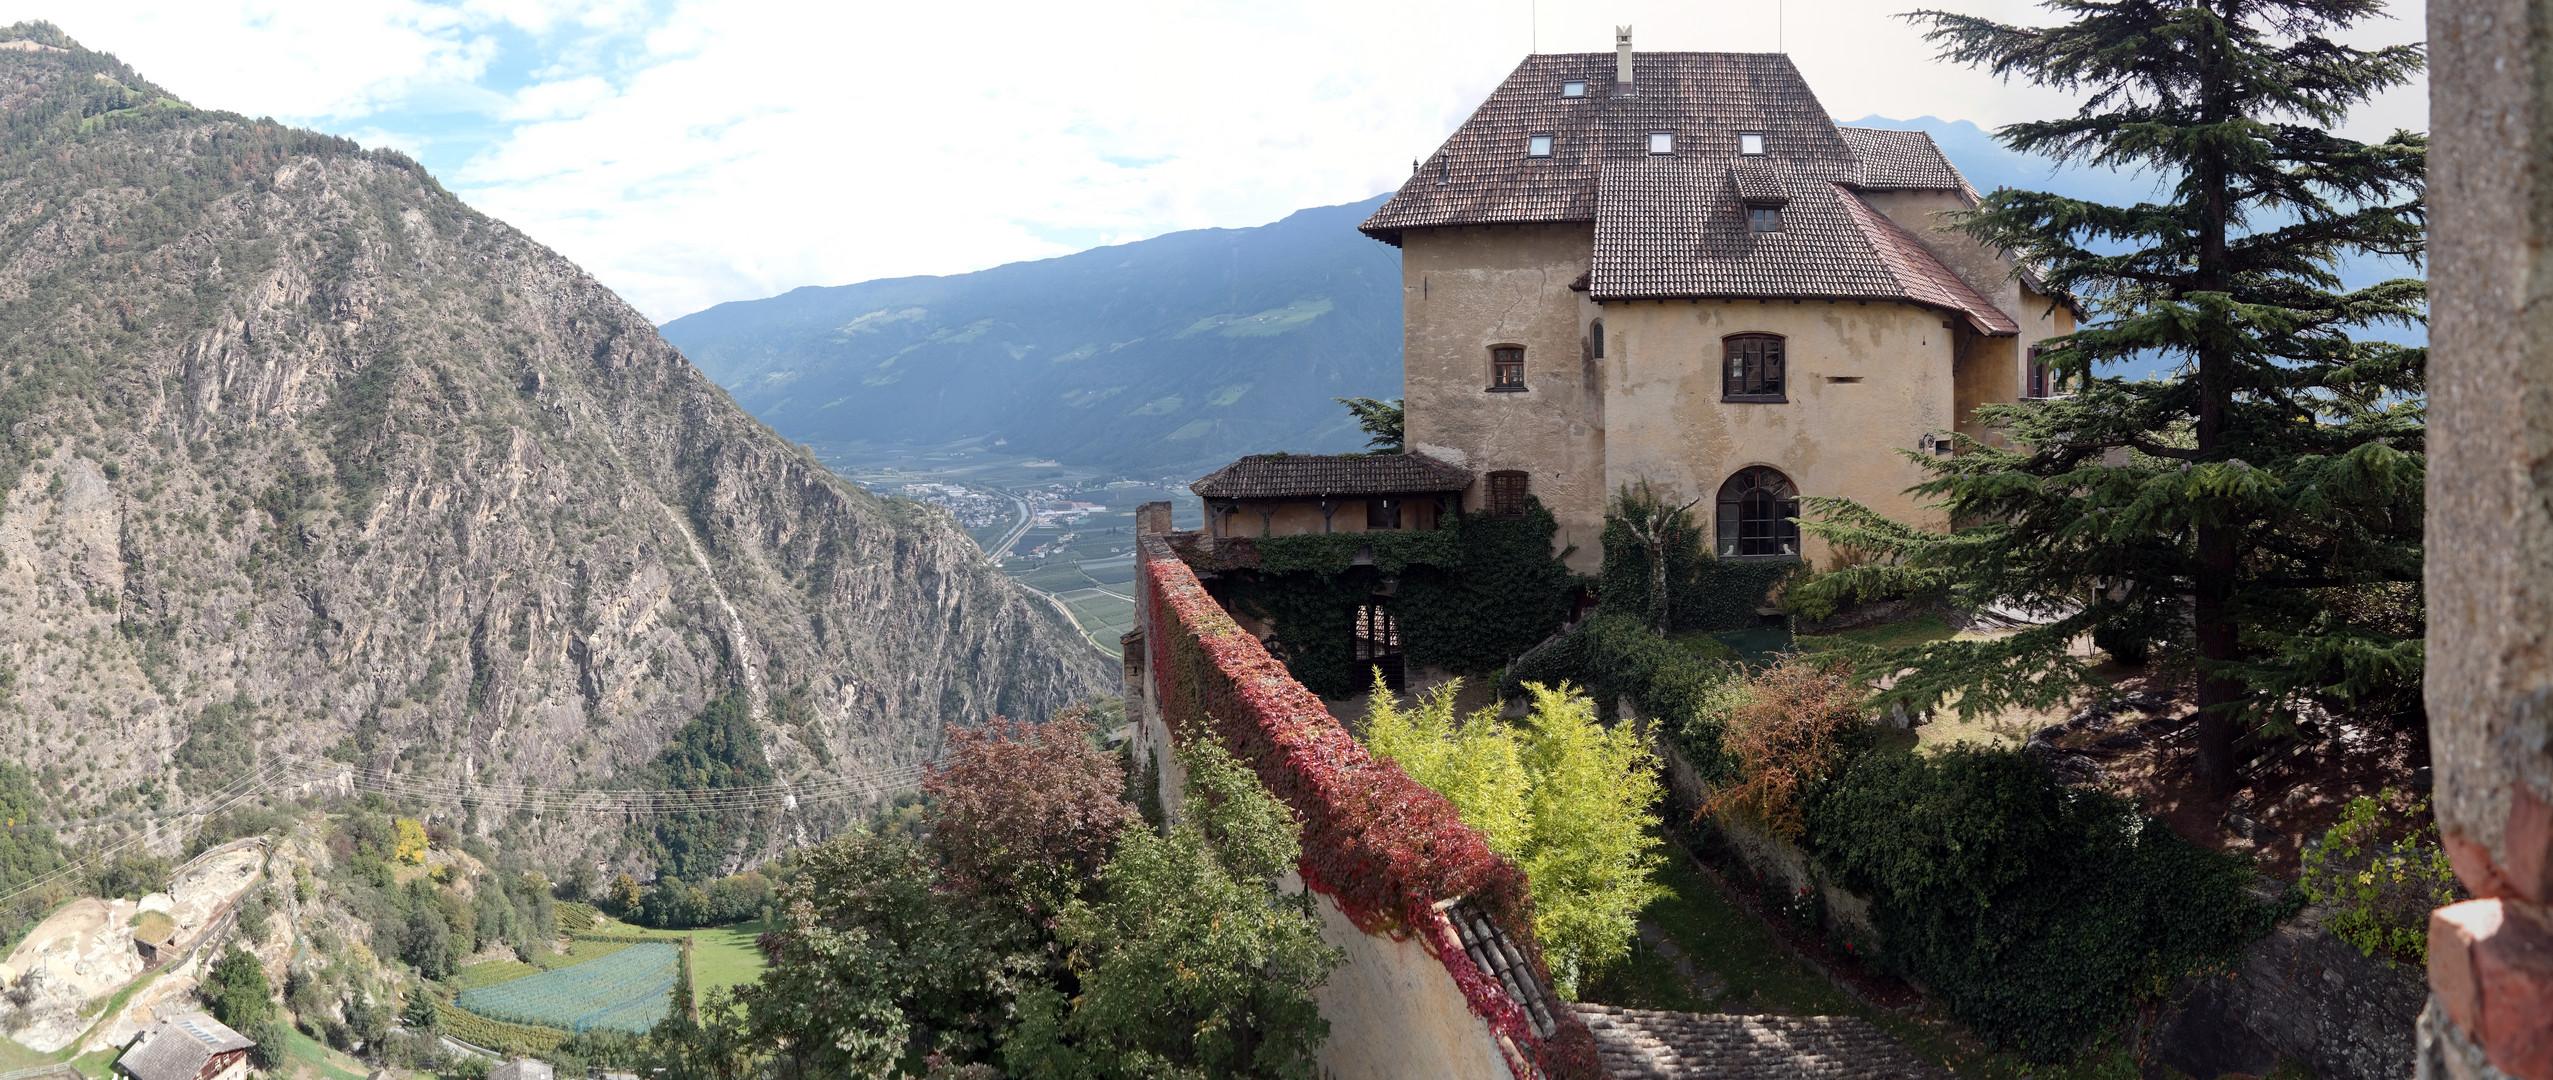 Blick vom Schloss Juval in Naturns